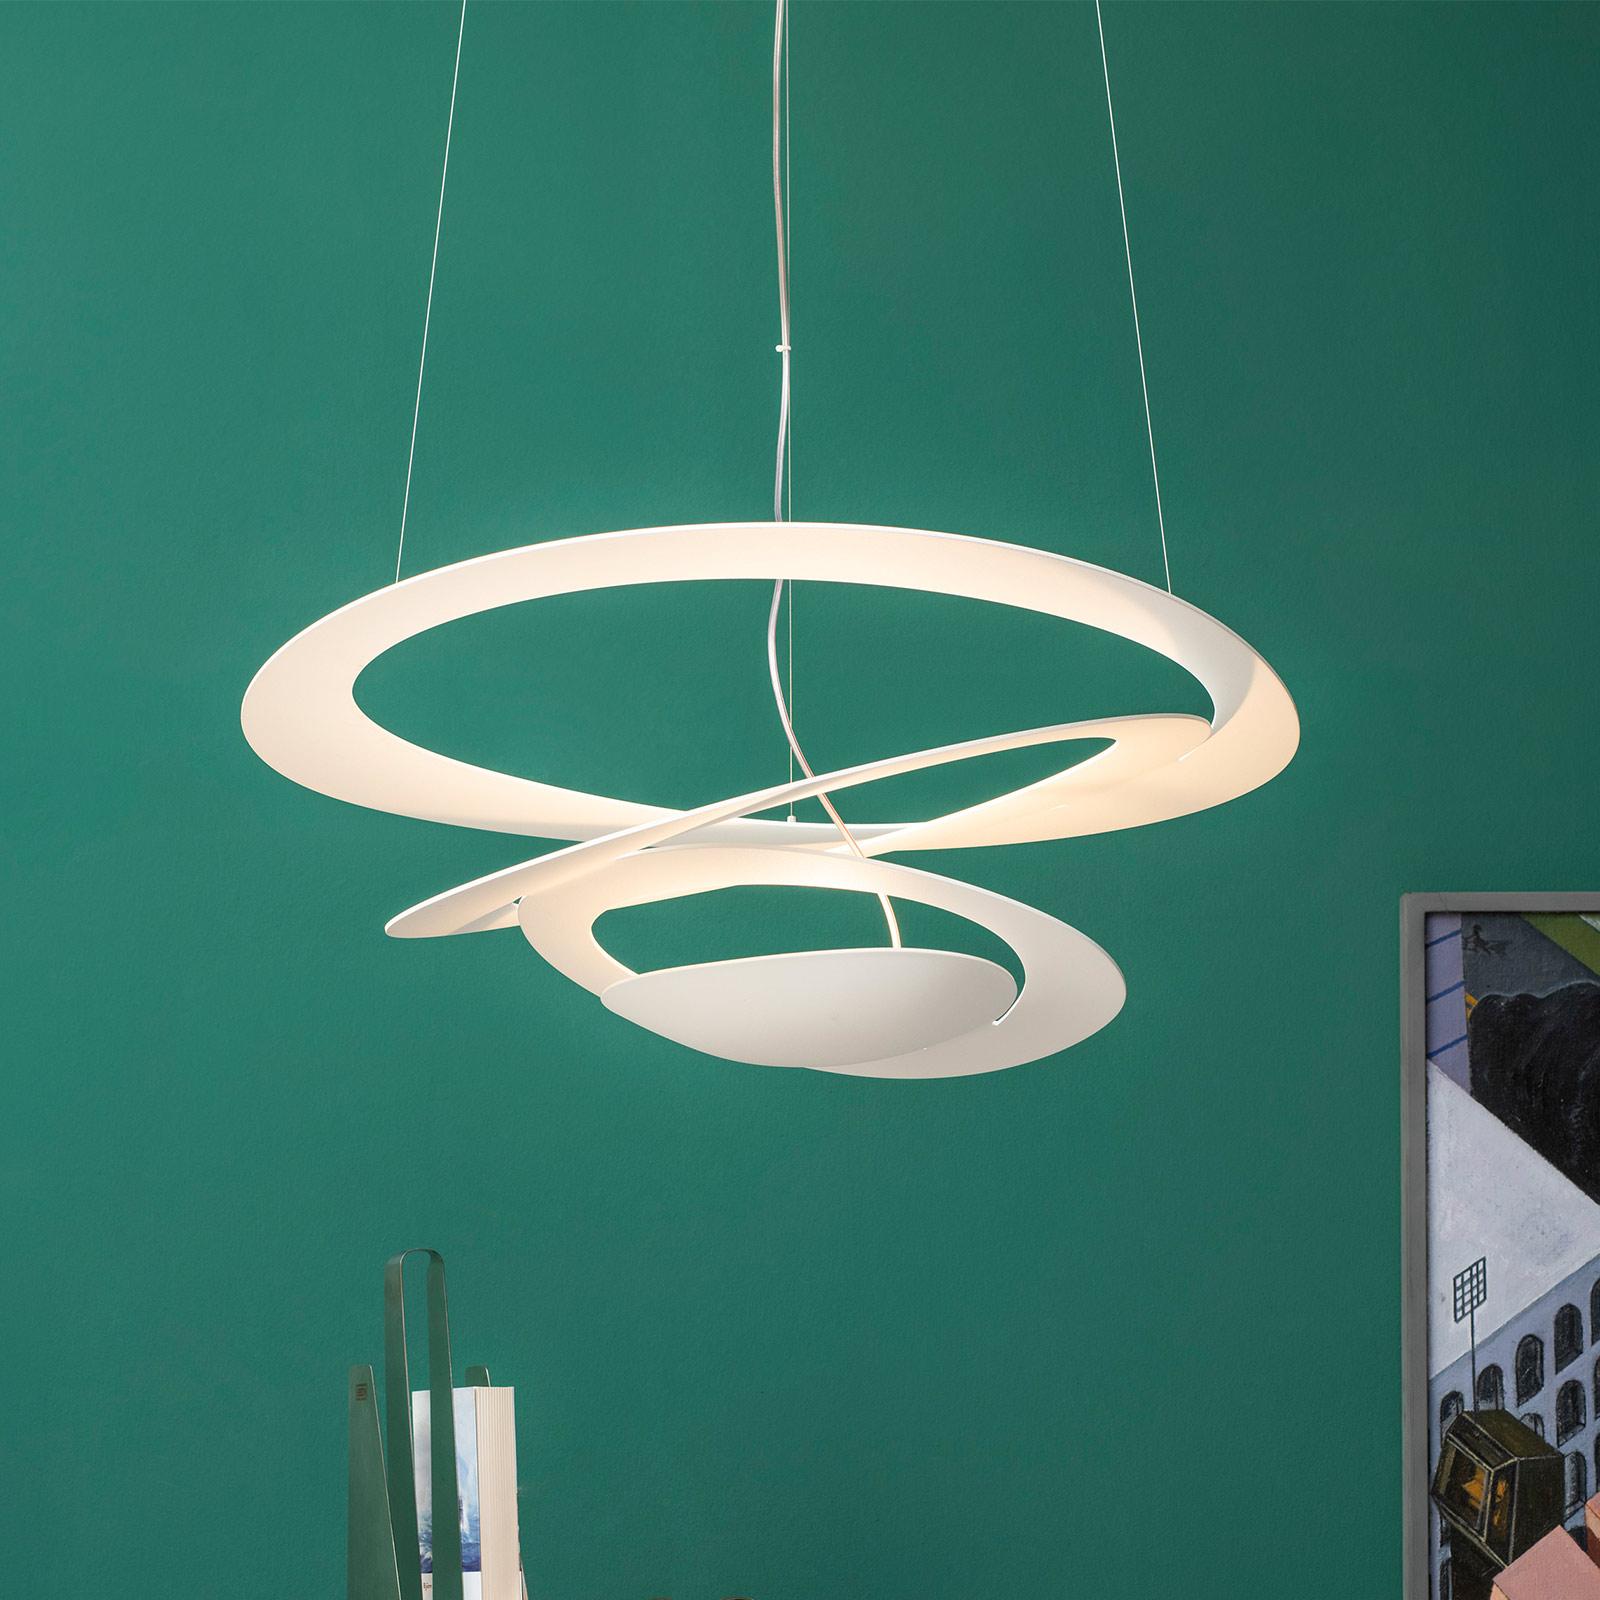 Lampada a sospensione LED bianca Pirce Micro